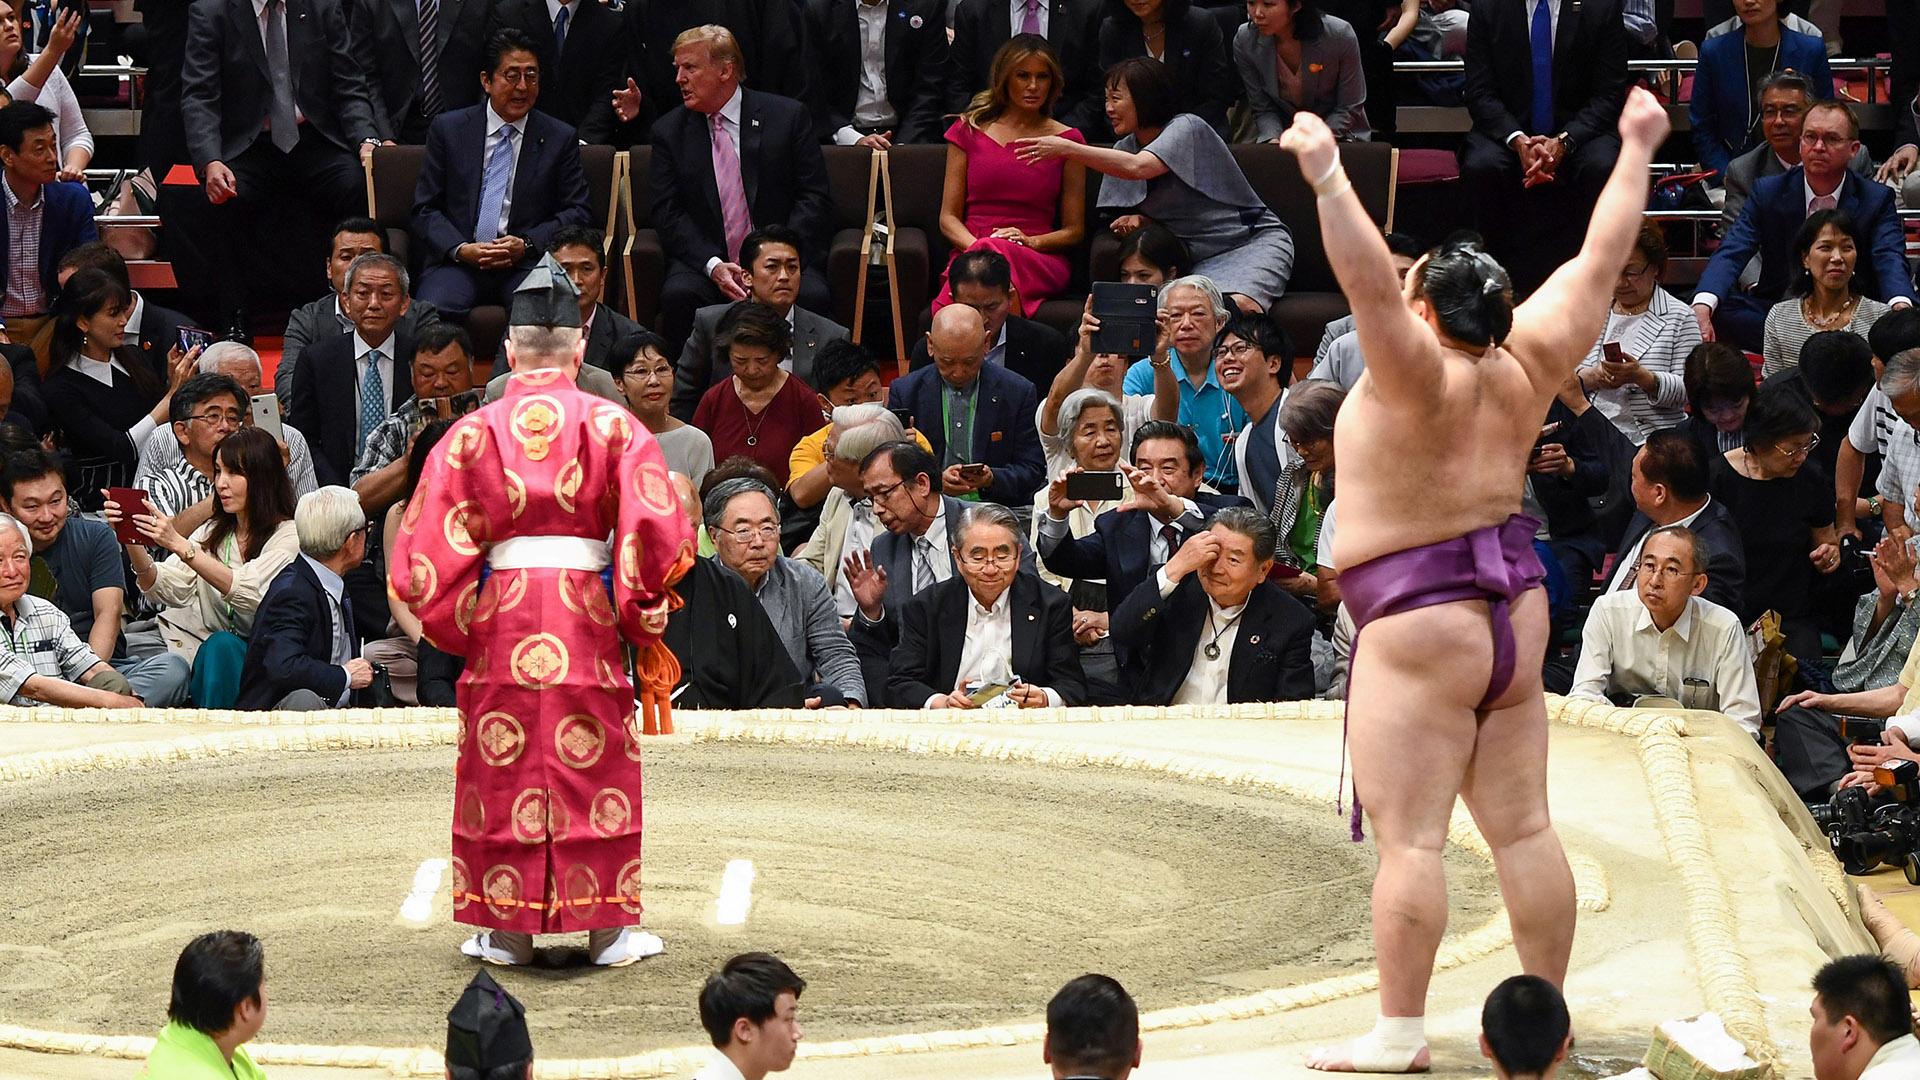 """Se advirtió a los aficionados de que quedaba prohibido lanzar sus cojines -como es tradicional cuando un gran campeón, un """"yokozuna"""", es derribado por su adversario- por miedo a que alguno cayera sobre el presidente estadounidense"""